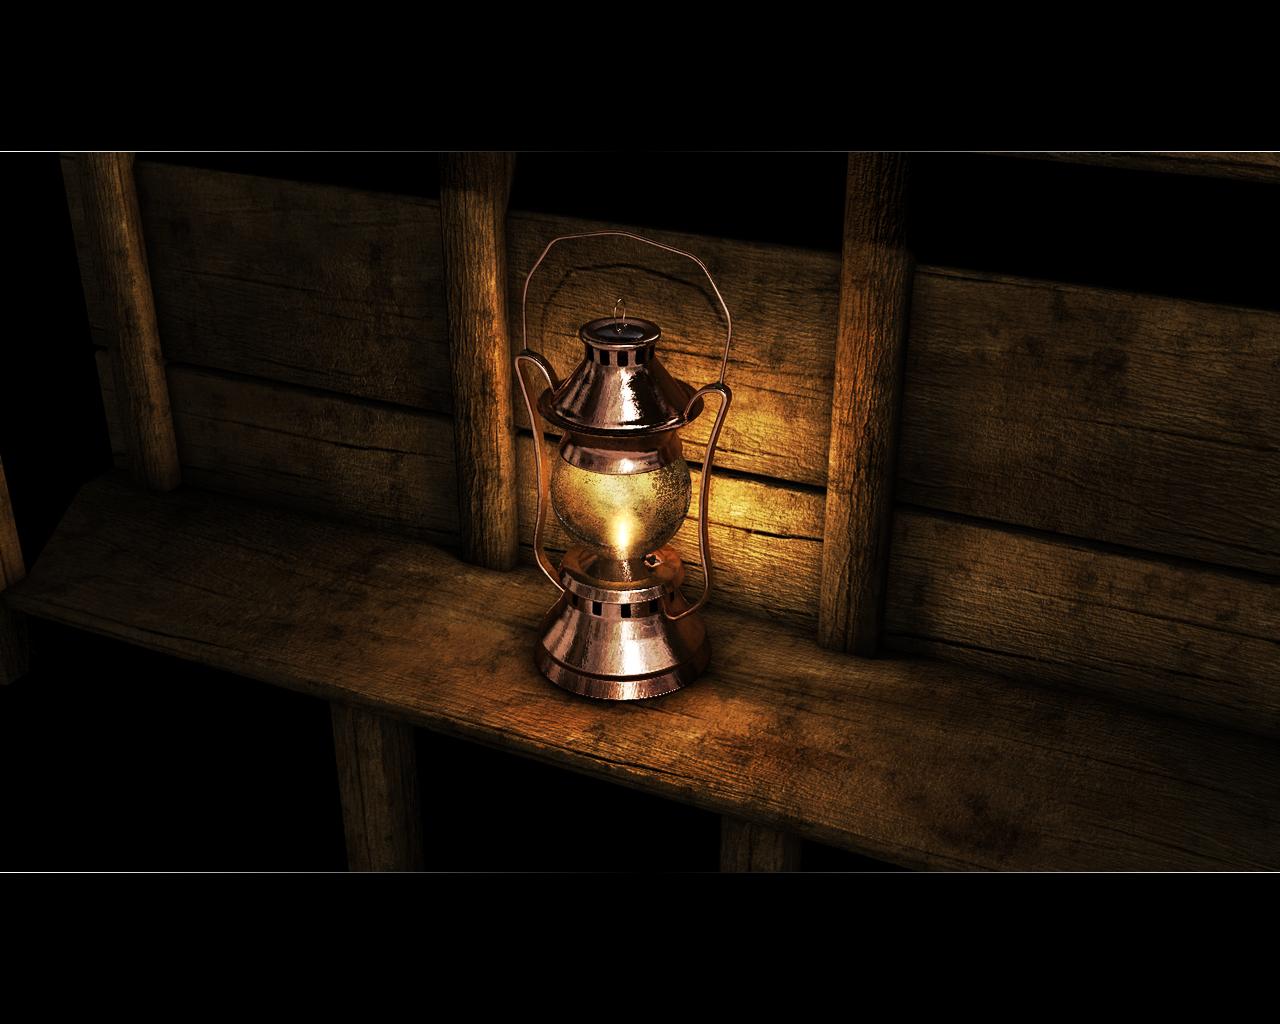 Oily Dependency - Lamp rev 2